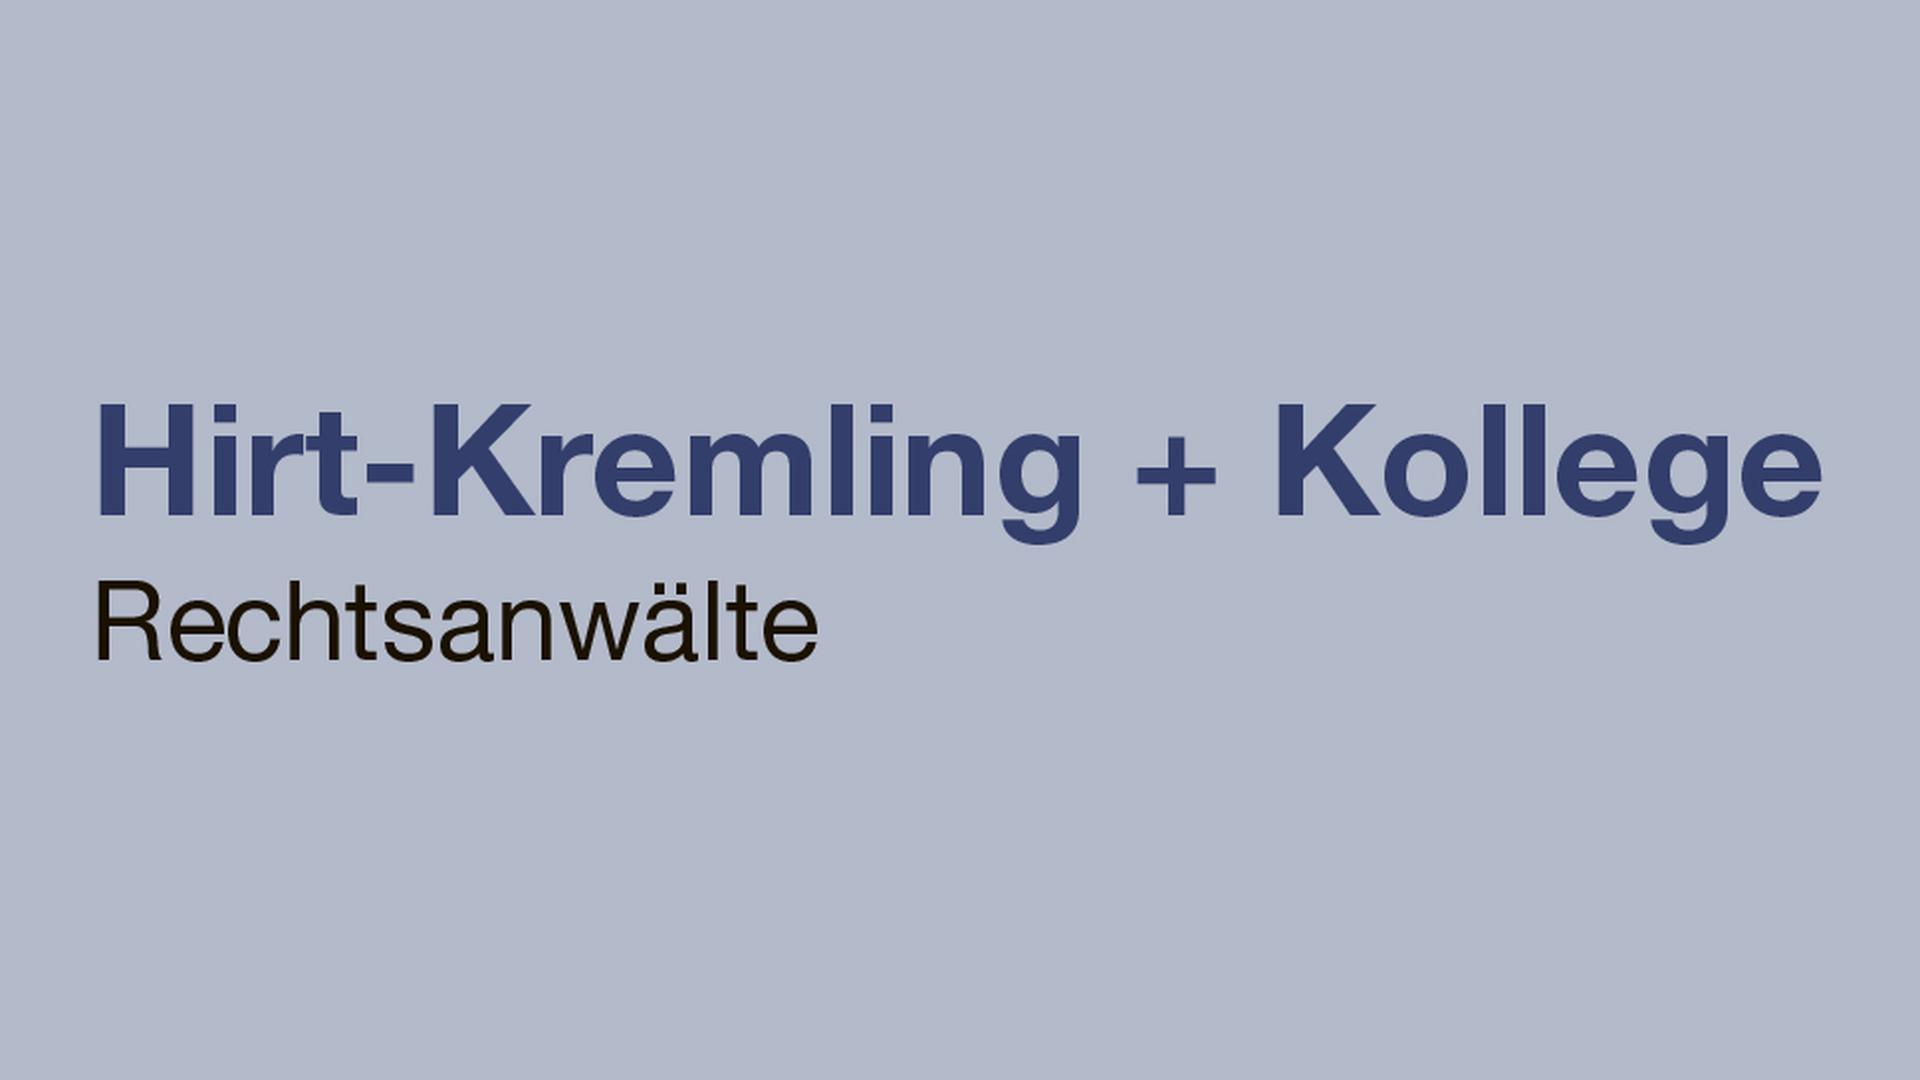 Kanzlei Hirt-Kremling + Kollege aus Bretten sind für Sie da